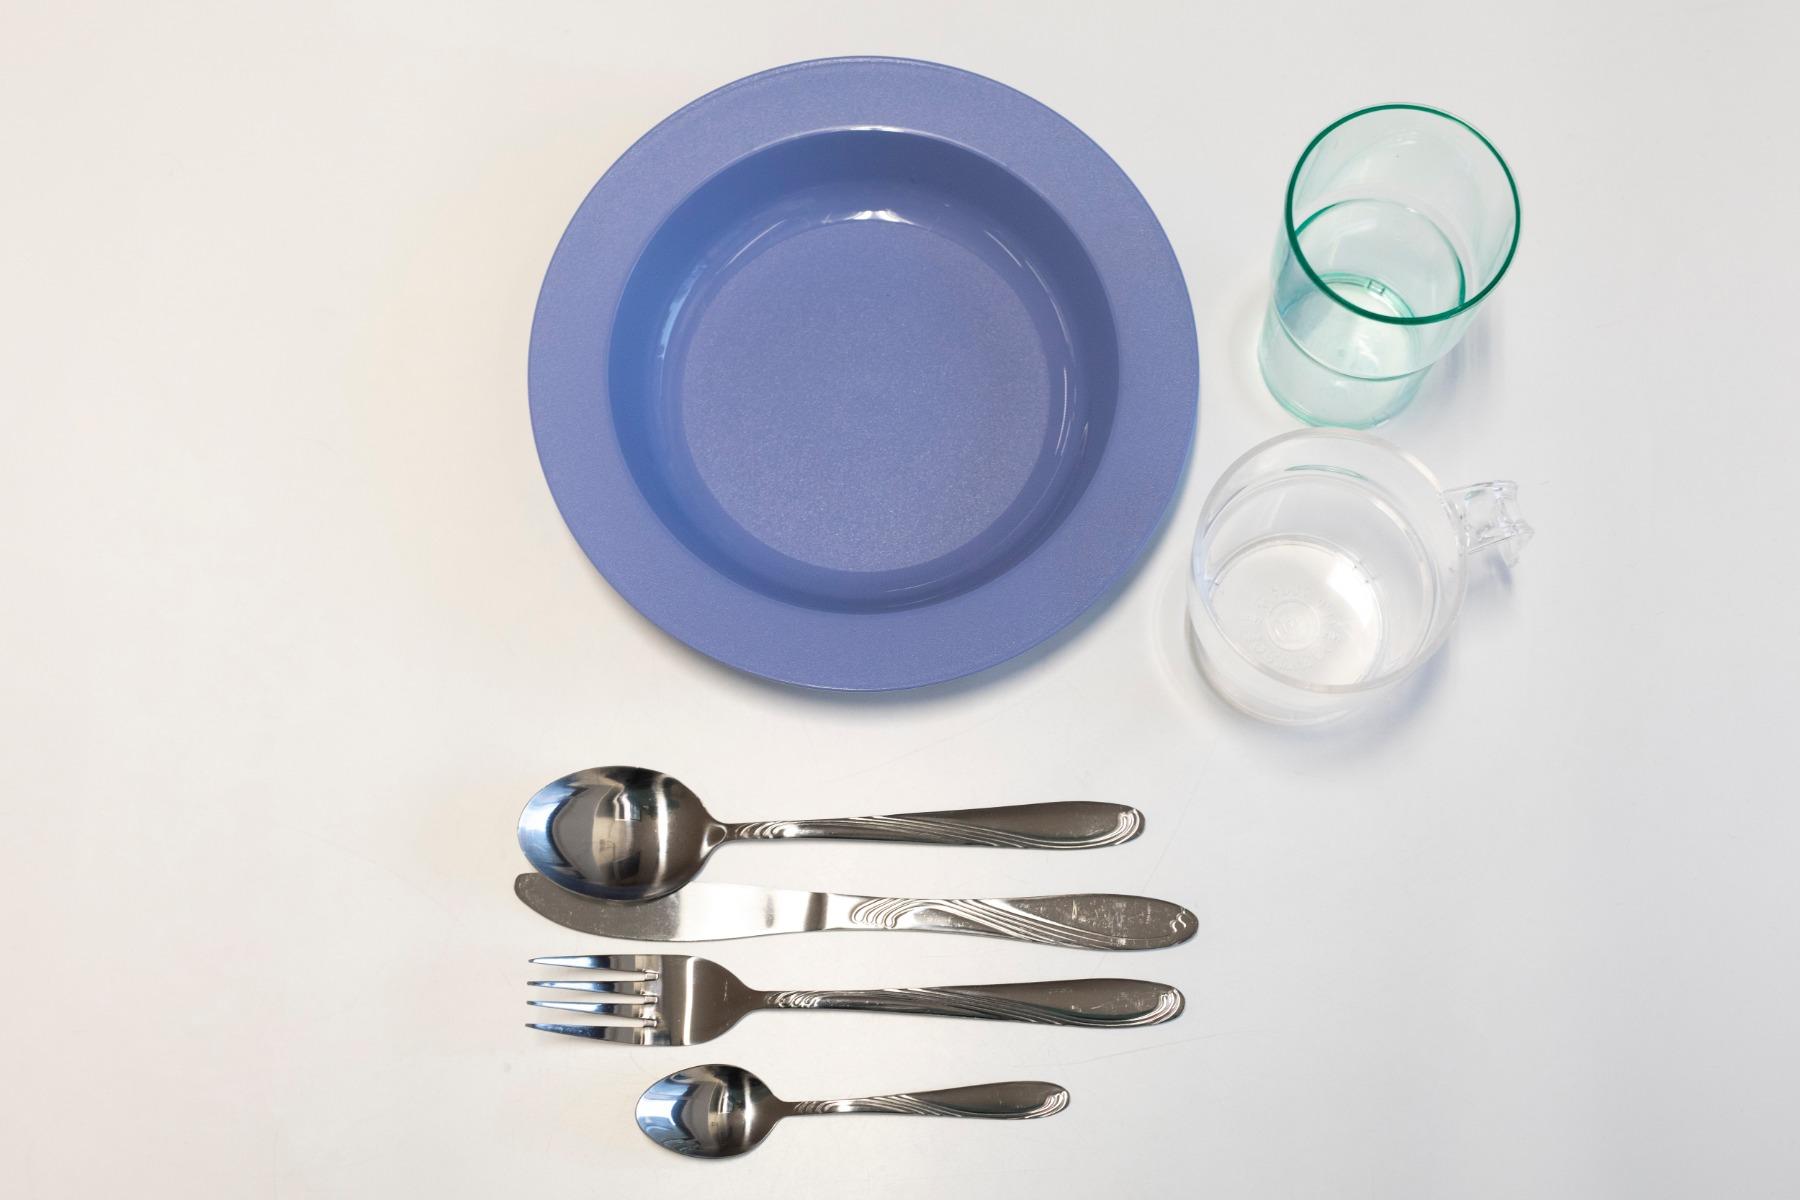 Mat serveringsset för en person